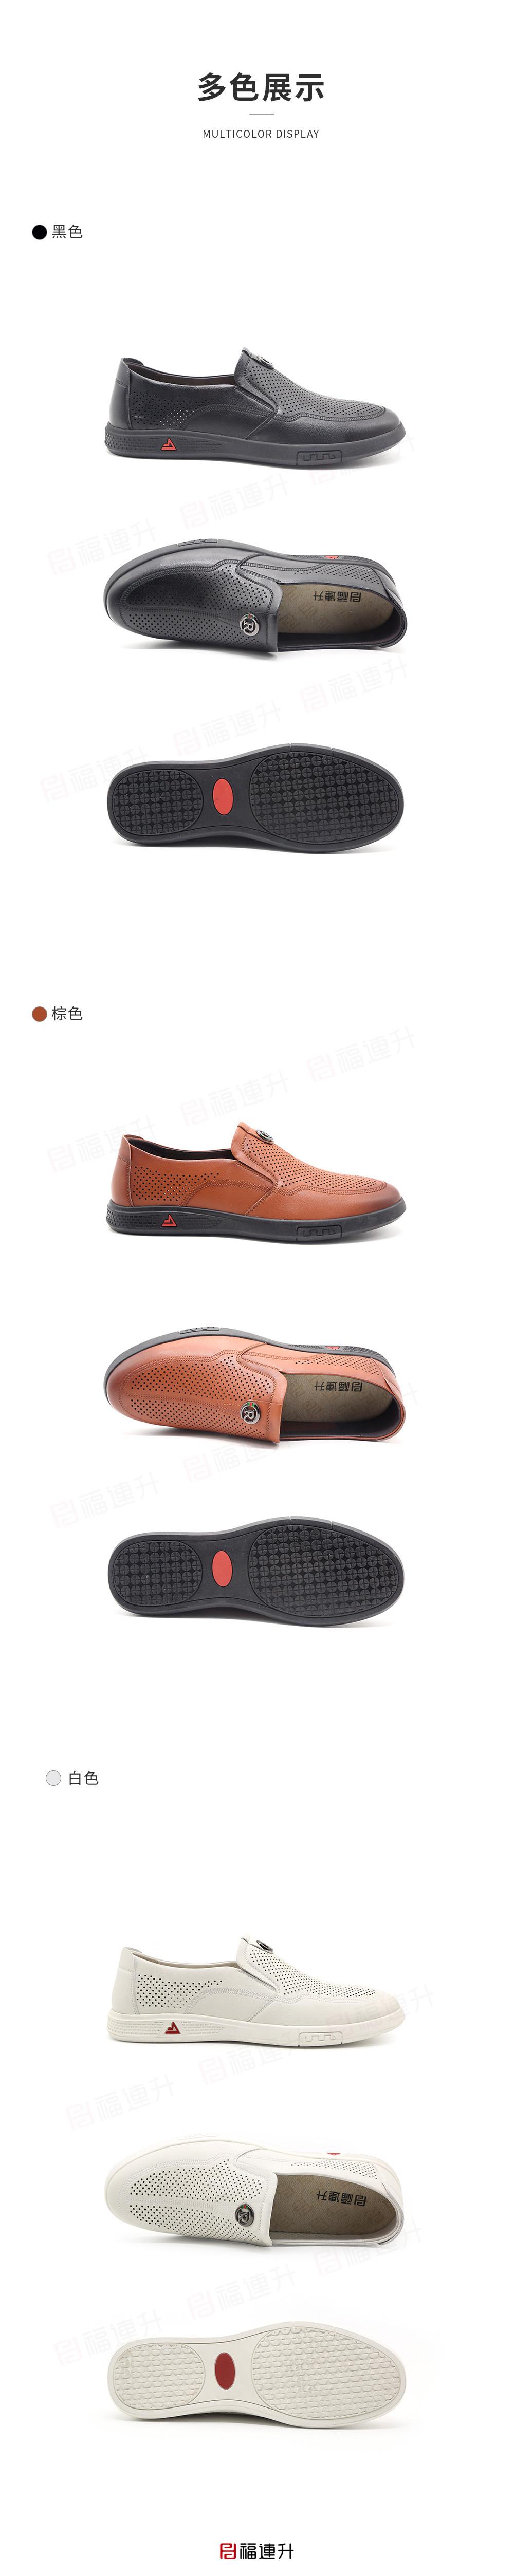 福連升夏季休閑商務男鞋棕色黑色打孔透氣舒適套腳鞋圖片